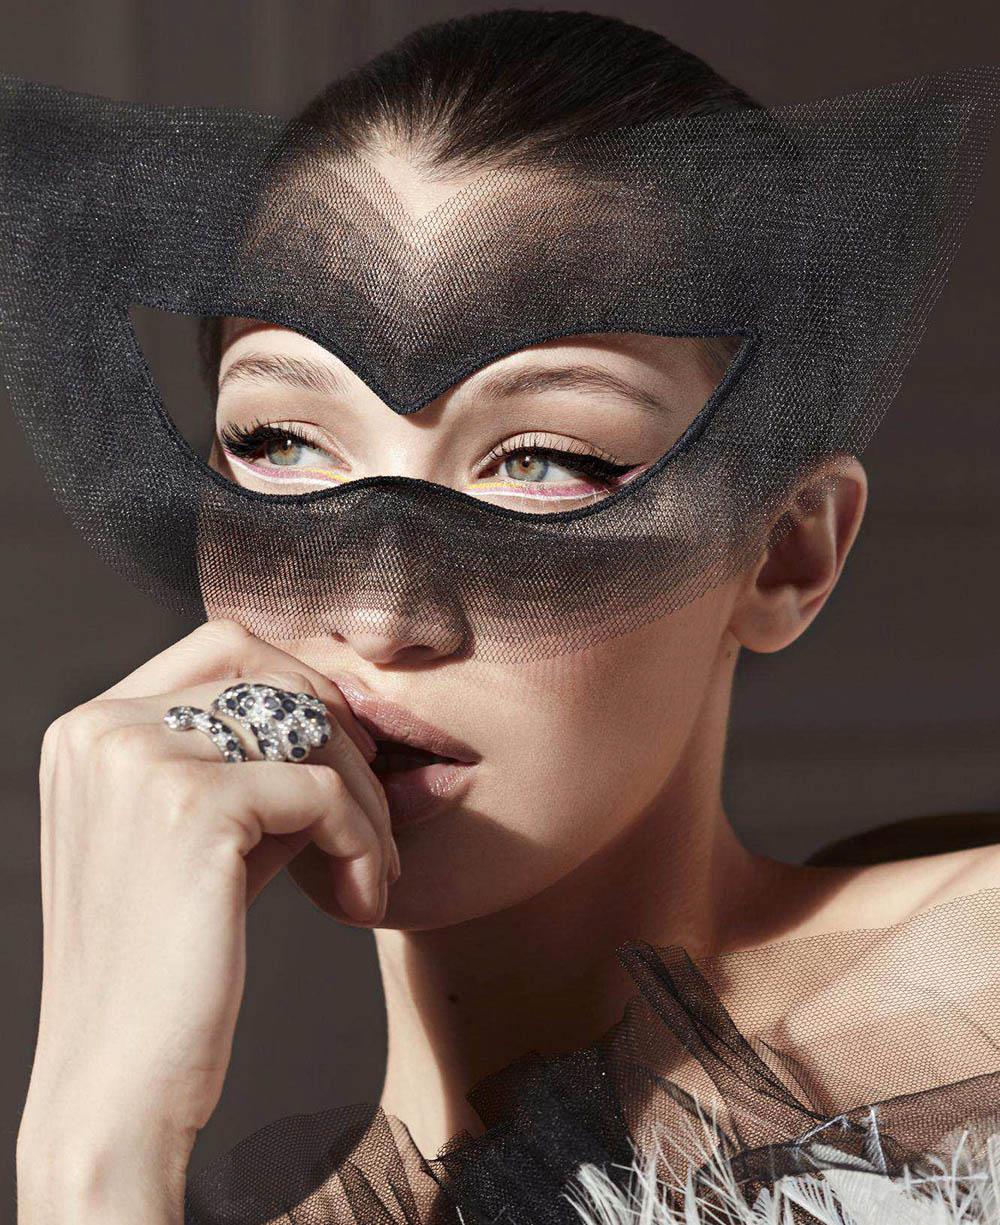 Bella Hadid covers Harper's Bazaar US June 2018 by Sølve Sundsbø